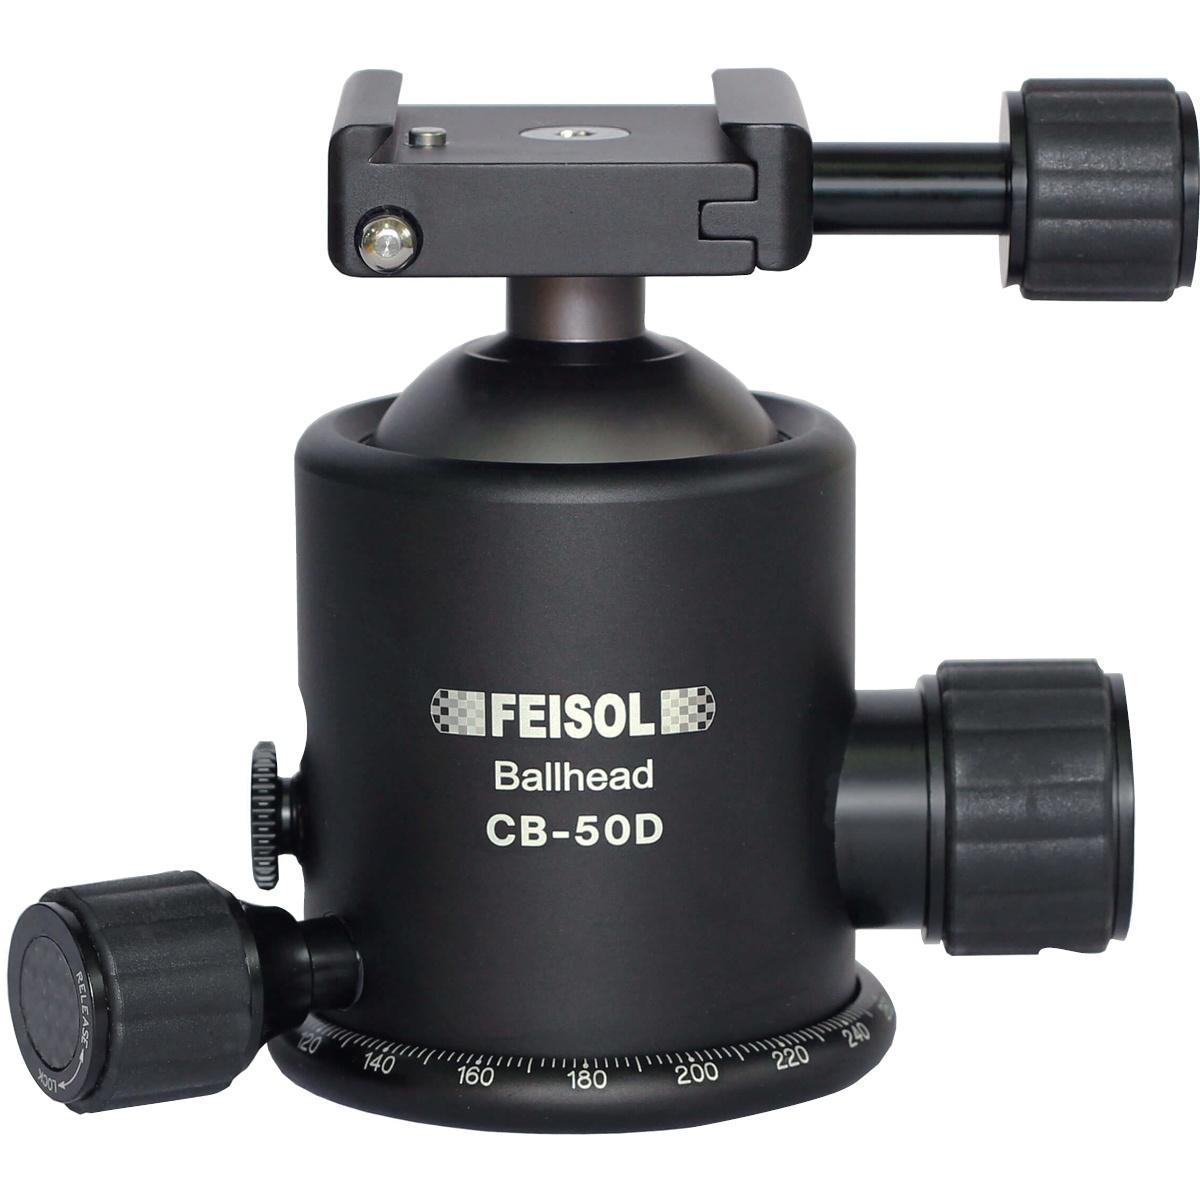 Feisol Kugelkopf CB-50D